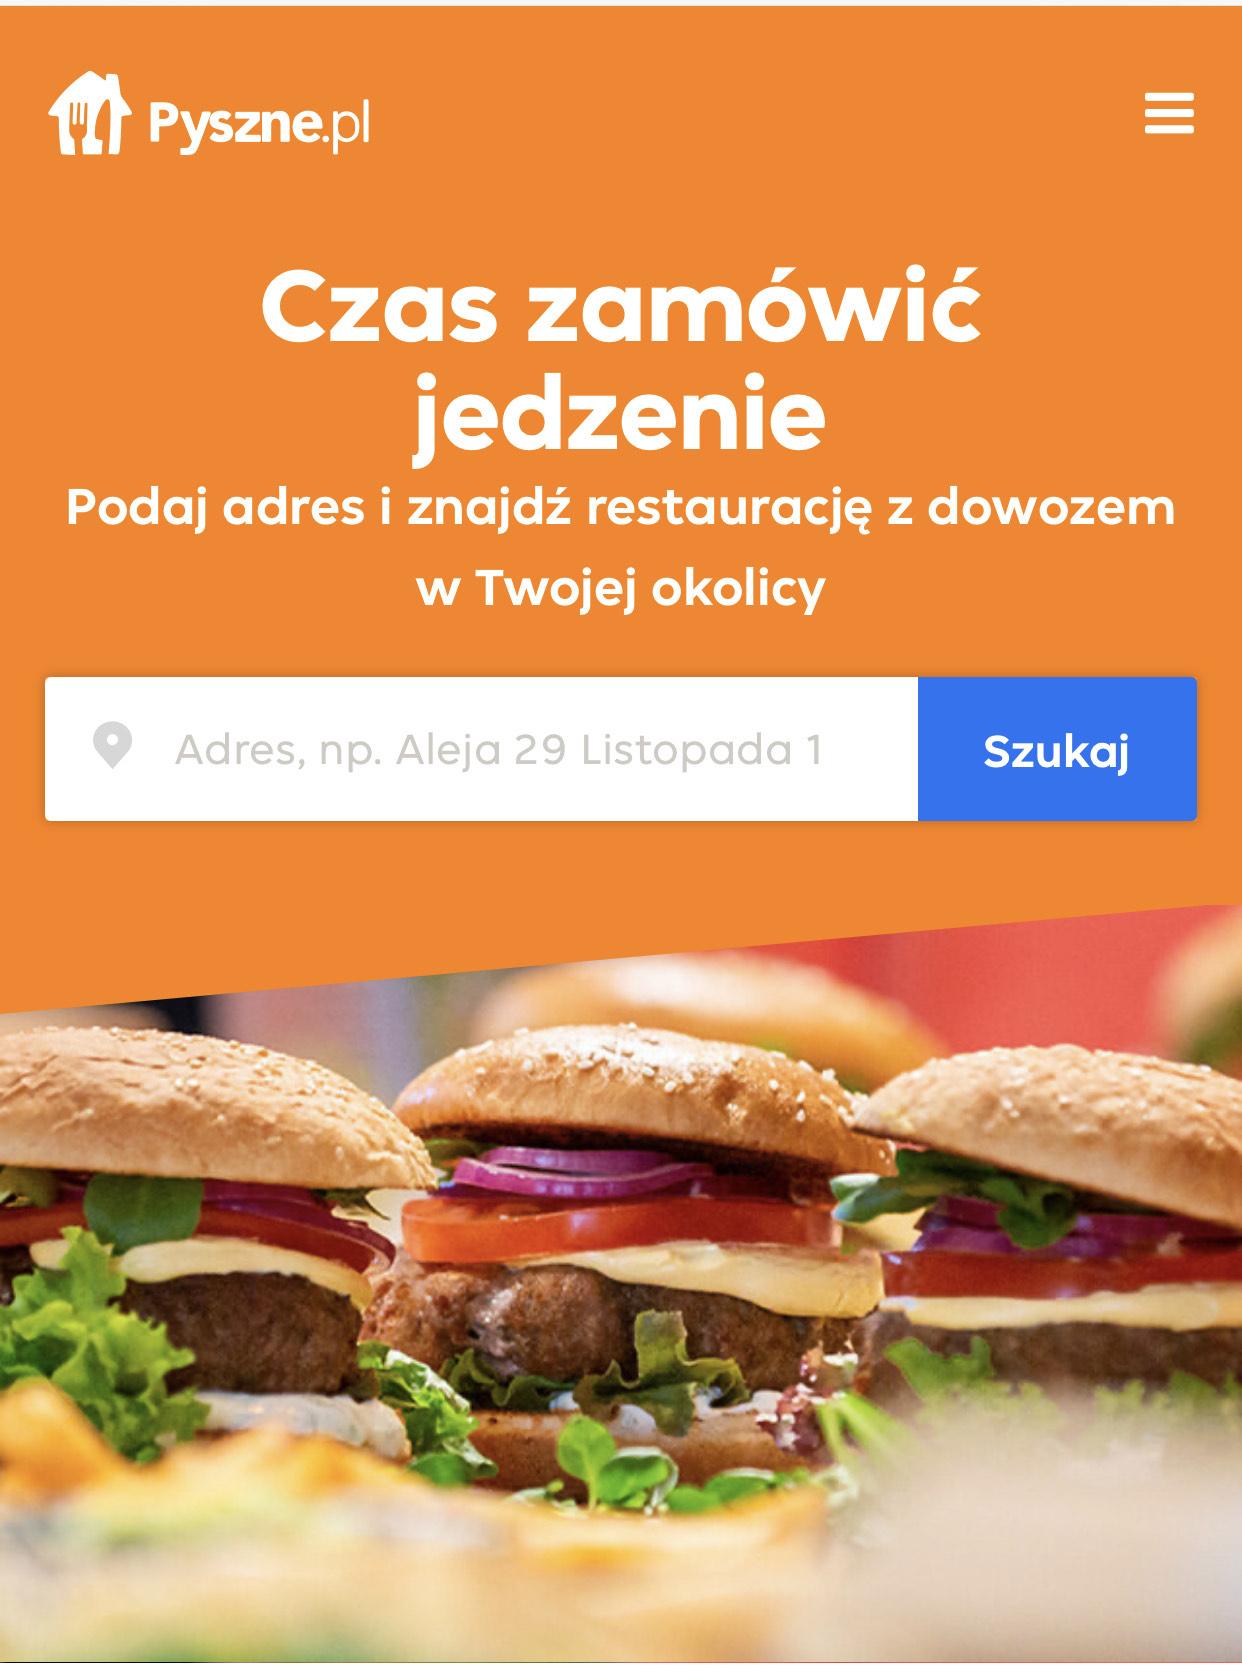 Pyszne.pl zniżka 10 zł. MWZ 30 zł